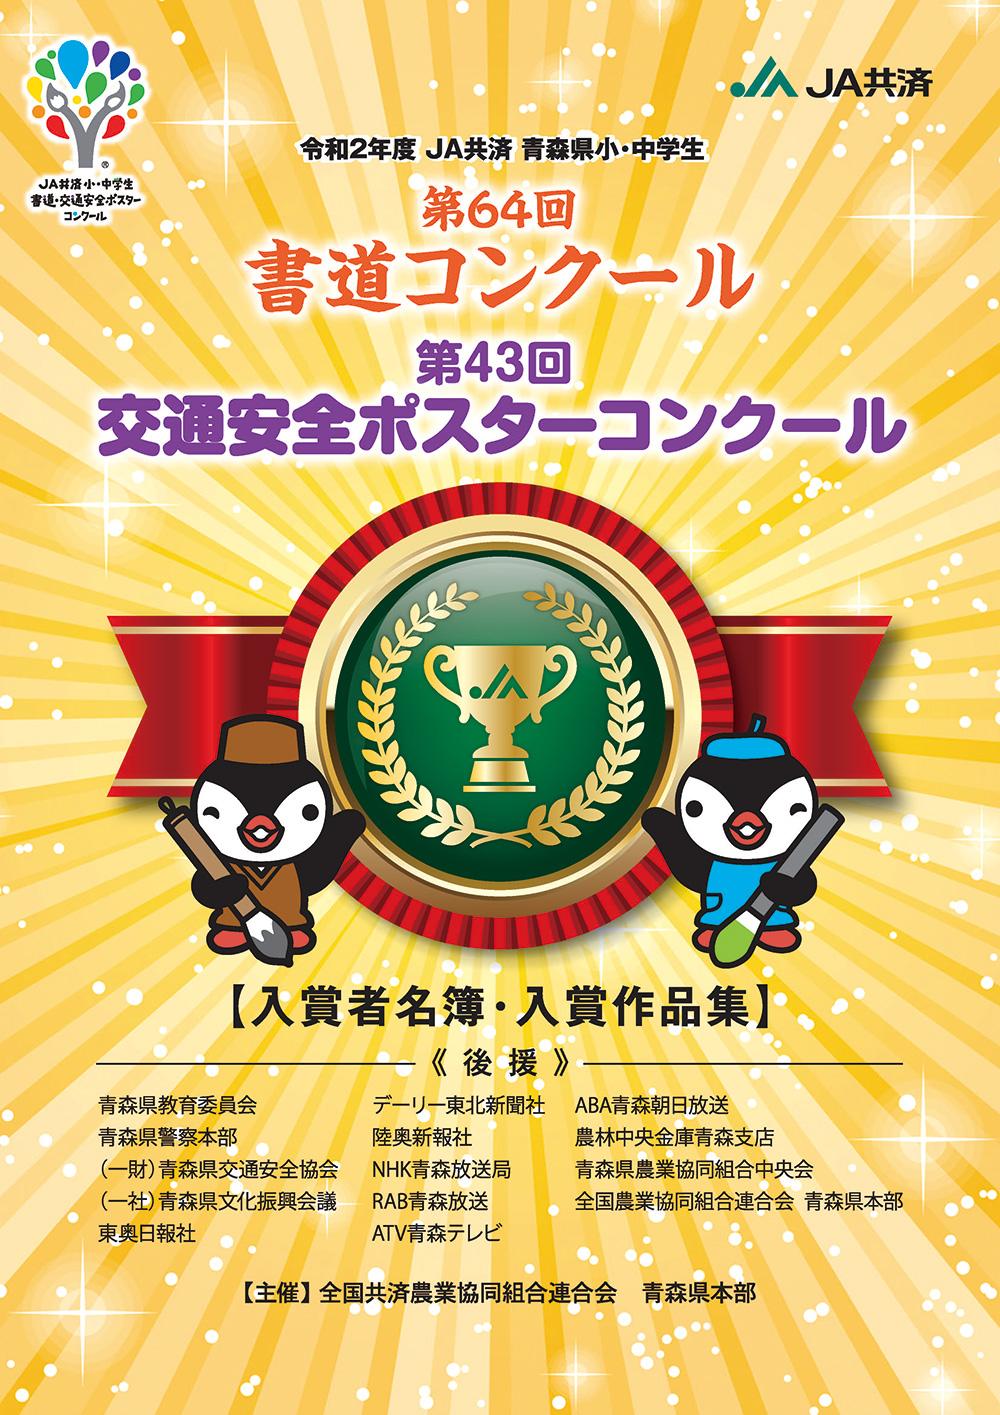 令和2年度入賞者名簿・入賞作品集